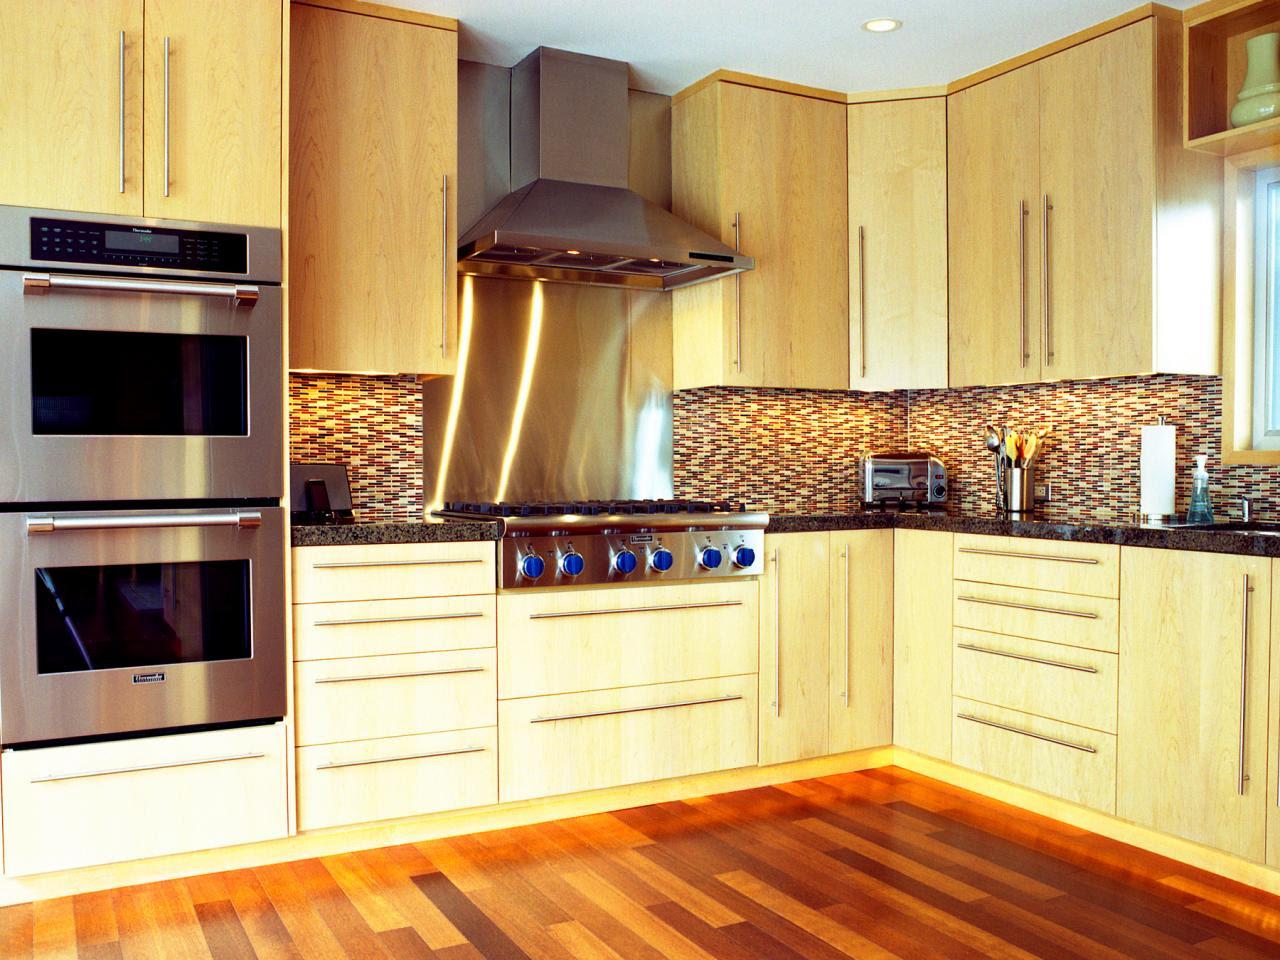 Kitchen Layout Templates: 6 Different Designs | HGTV